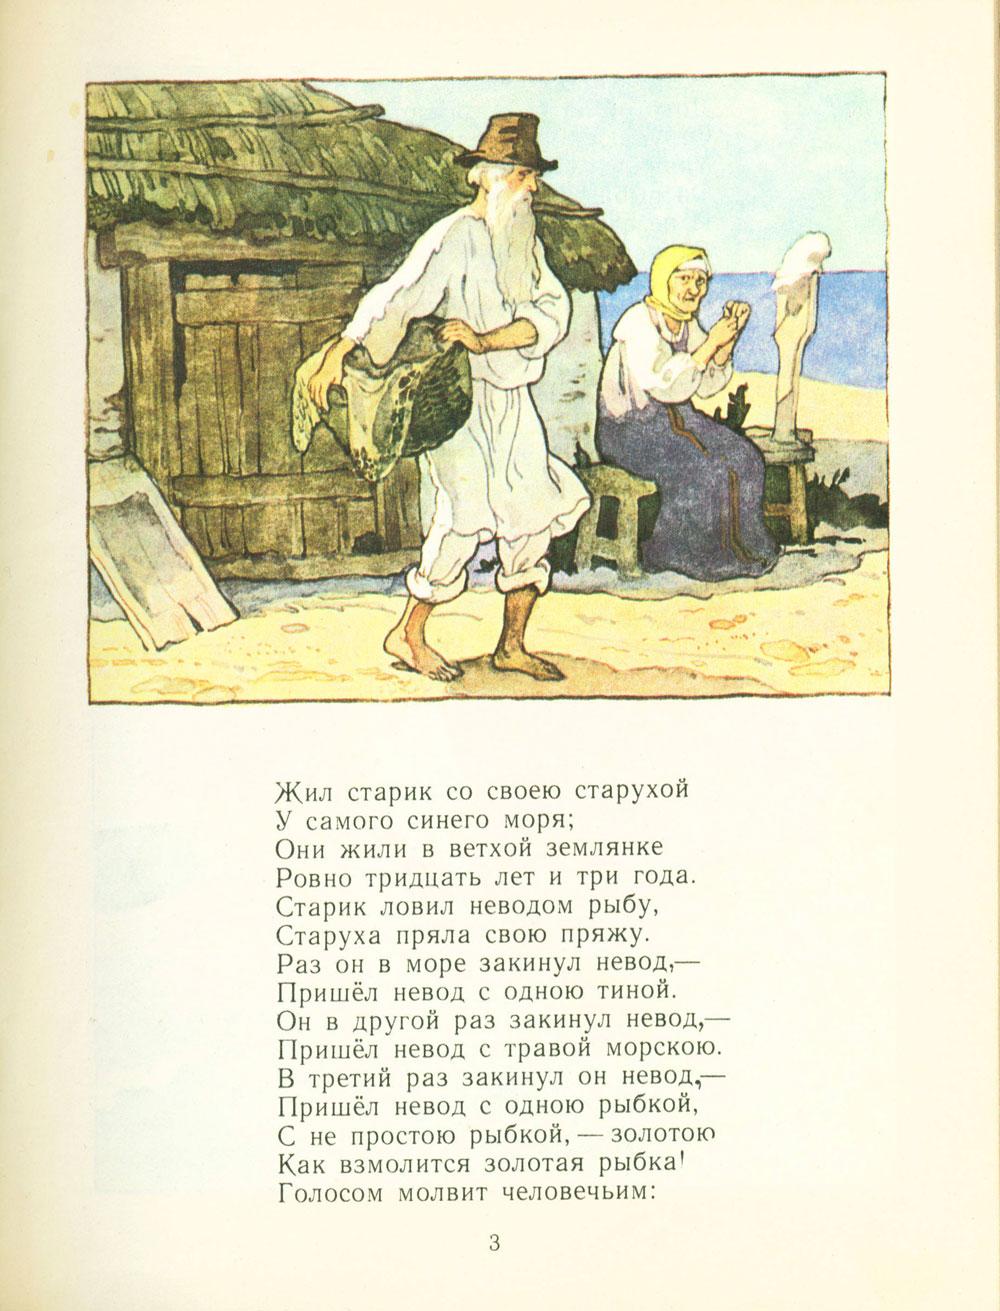 когда была написана сказка о рыбаке